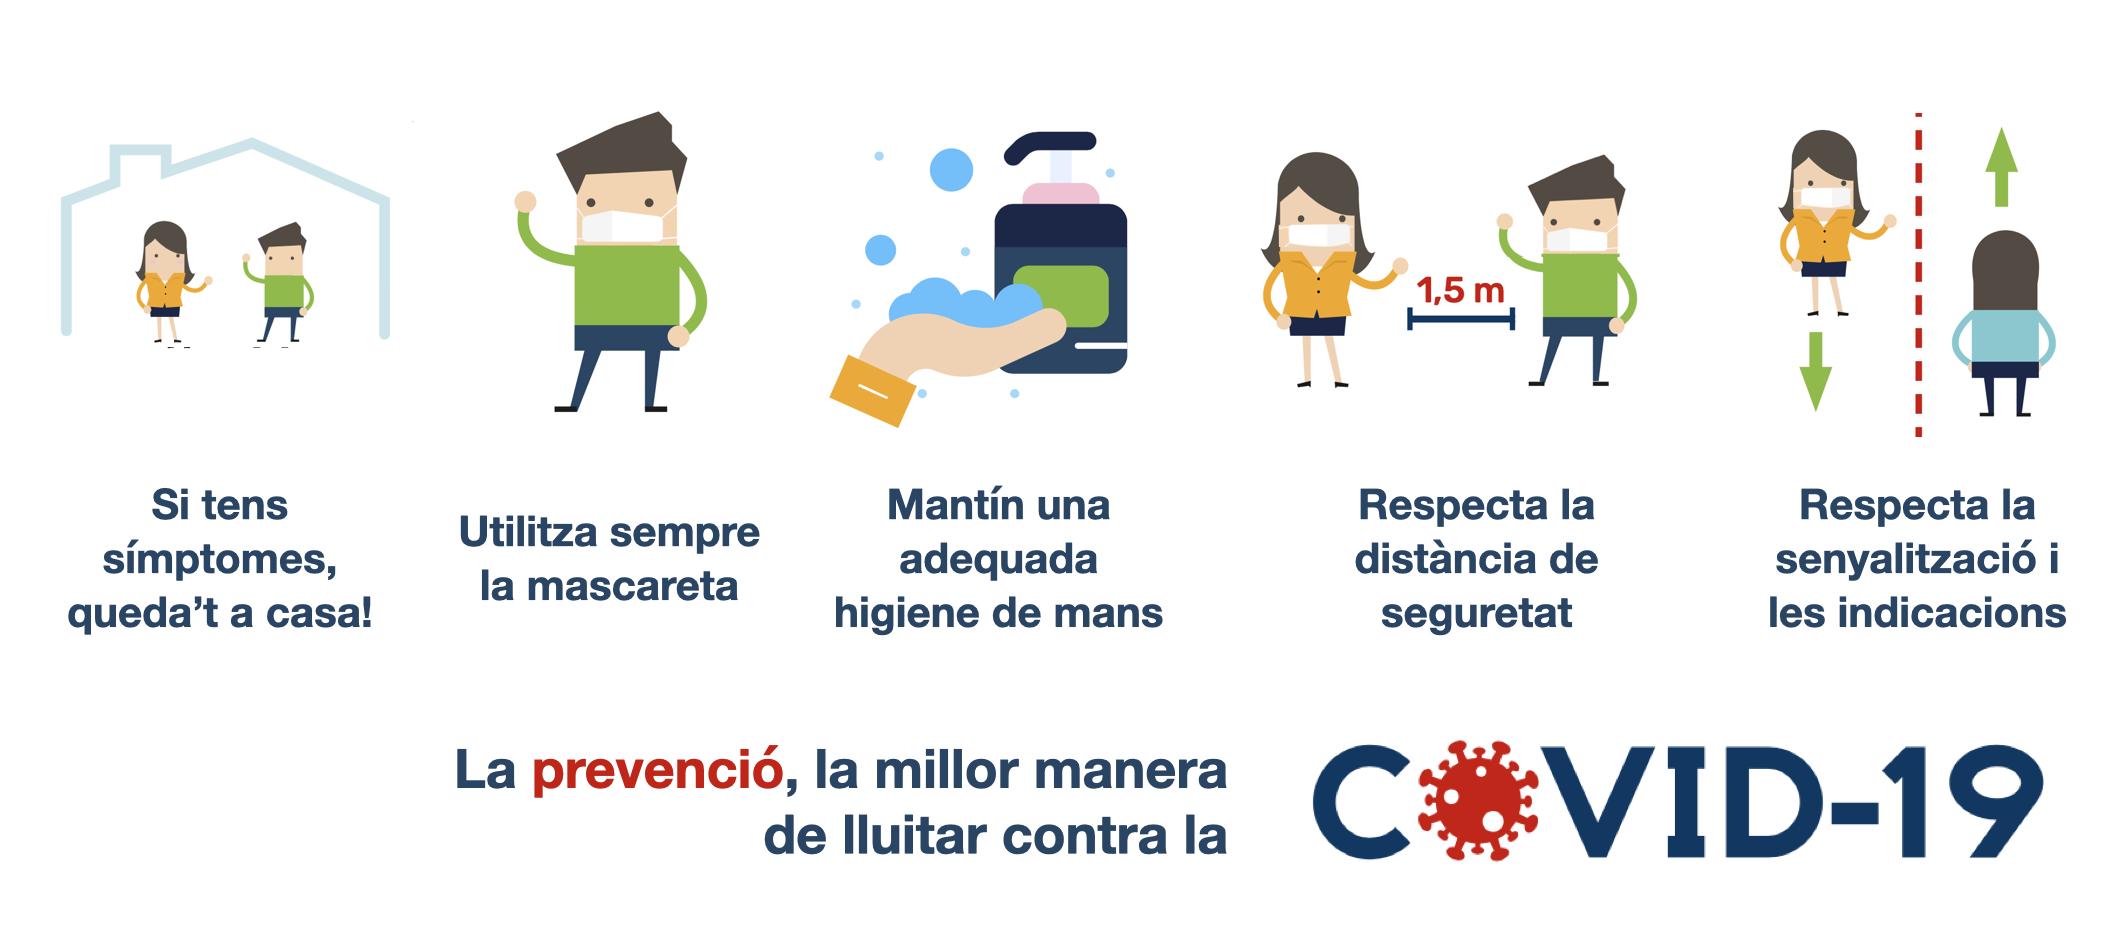 Informació sobre la prevenció de la COVID-19.